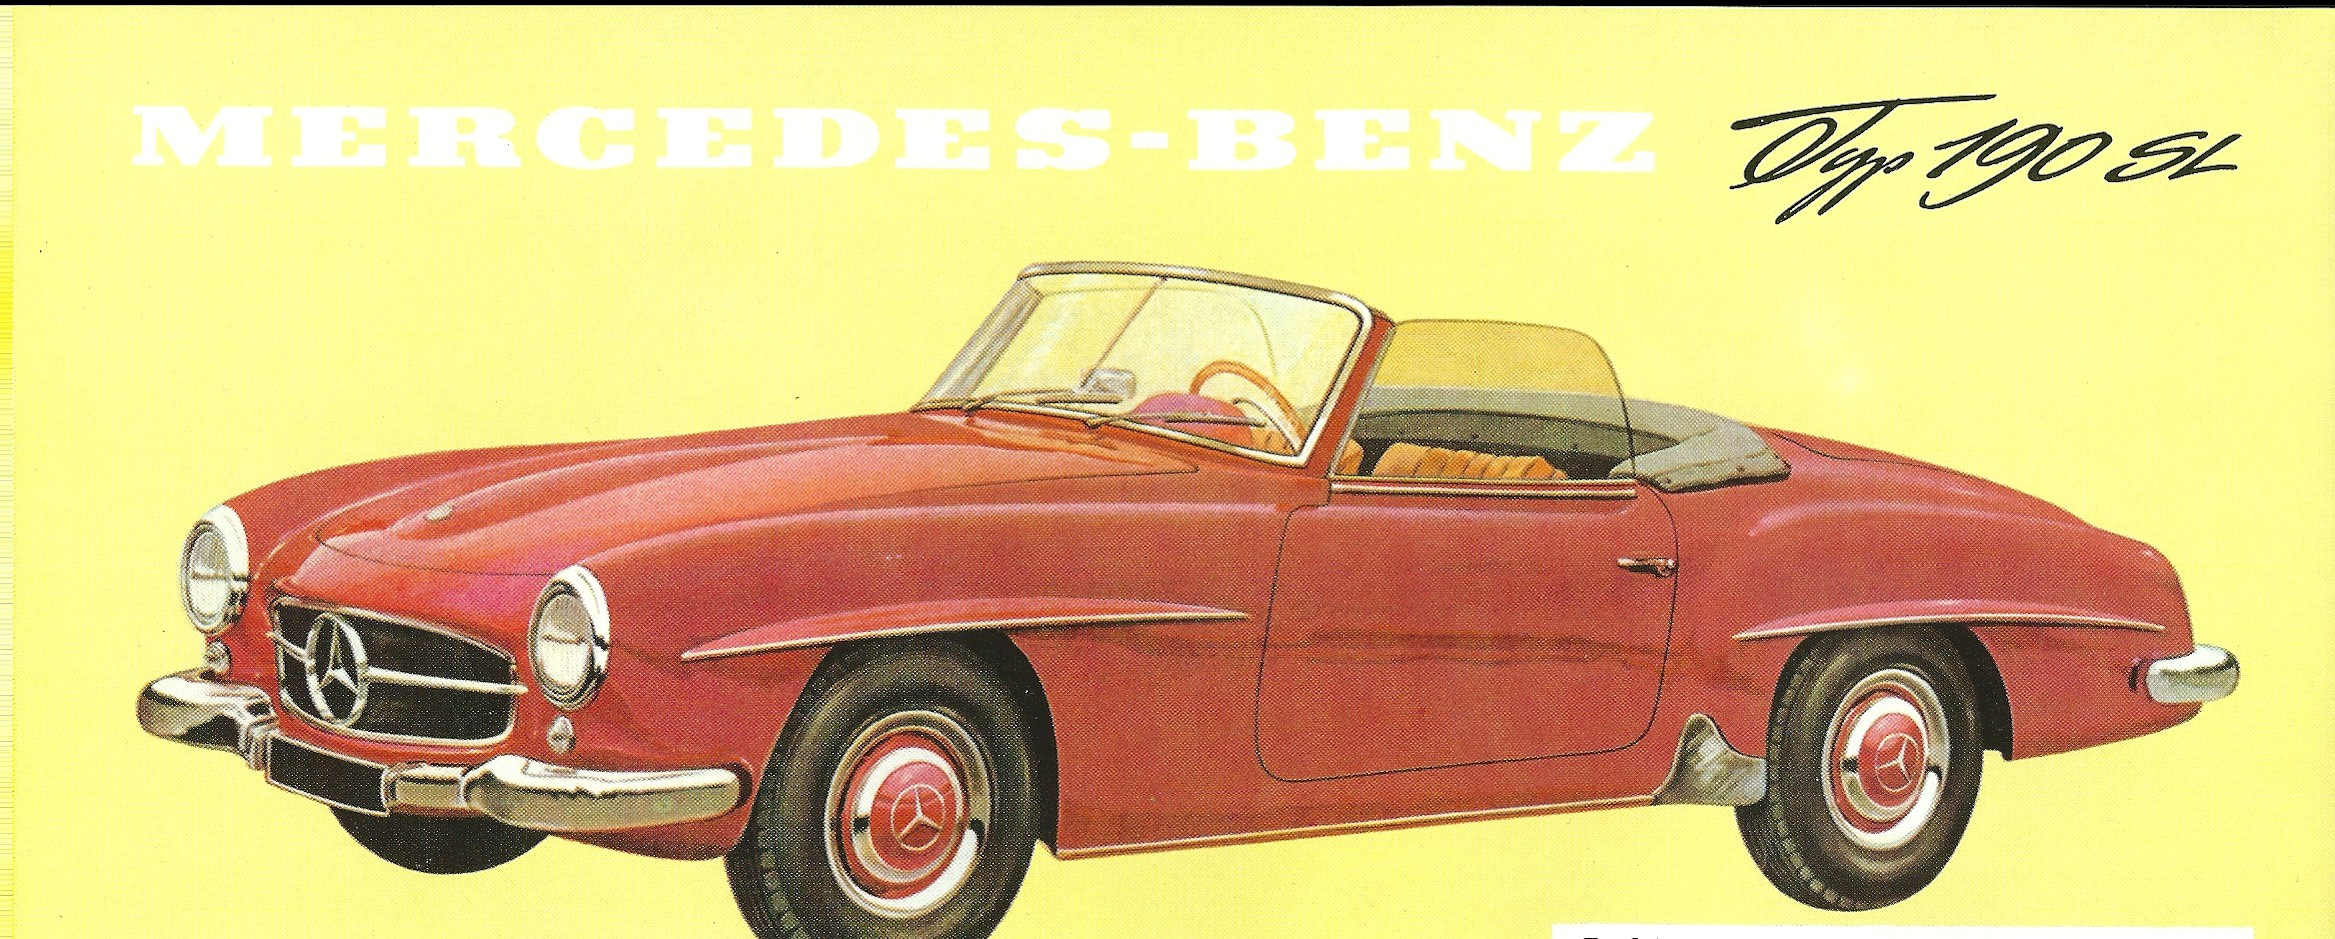 190 SL Prospektblatt I